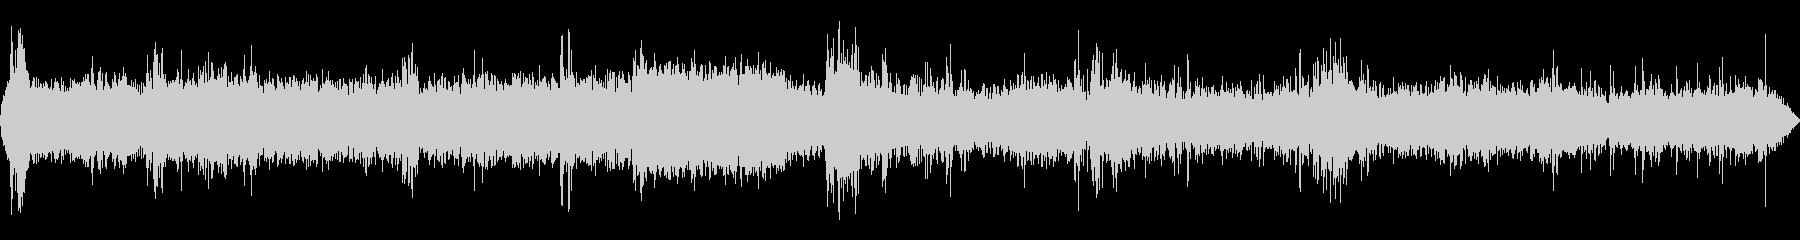 レンジローバーSUV:INT:ラフ...の未再生の波形